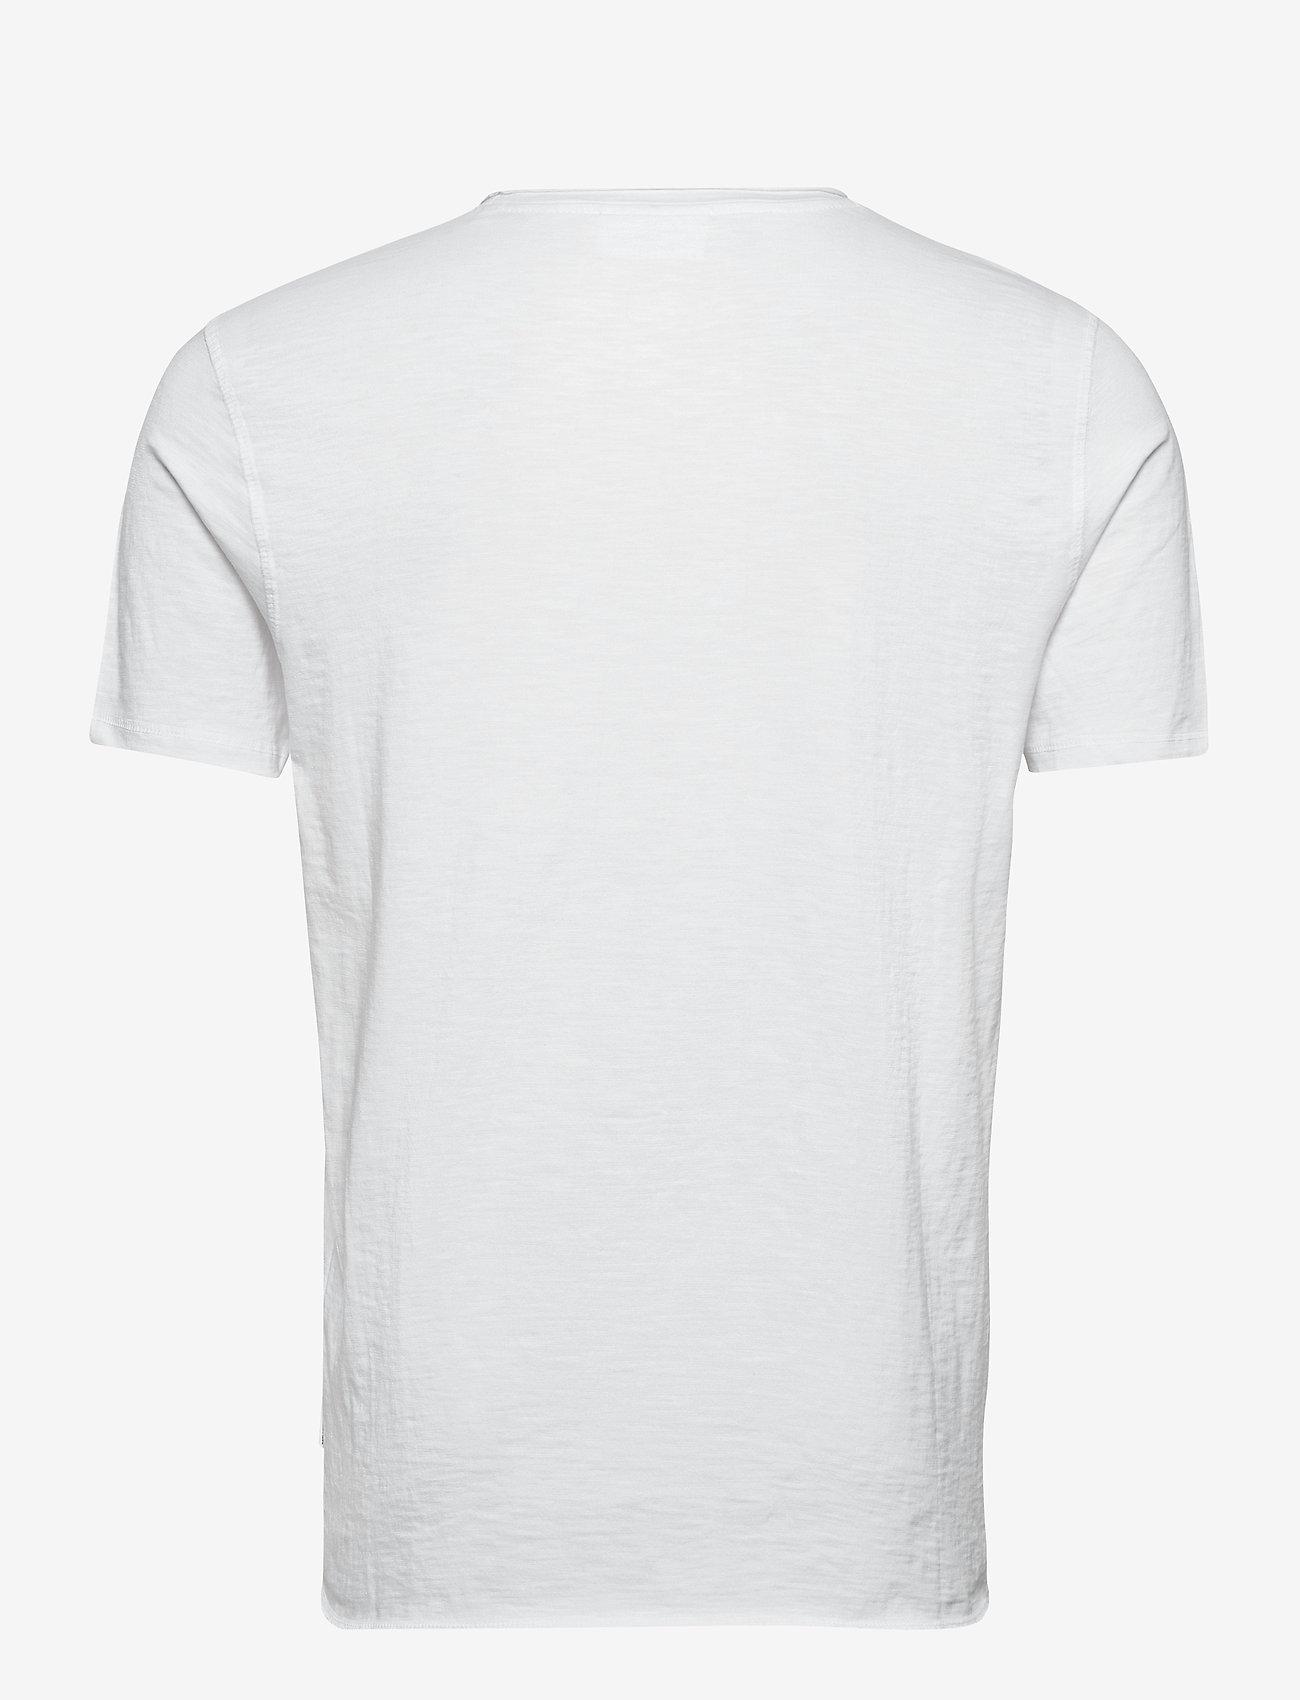 Lindbergh Raw o-neck tee S/S - T-skjorter WHITE - Menn Klær